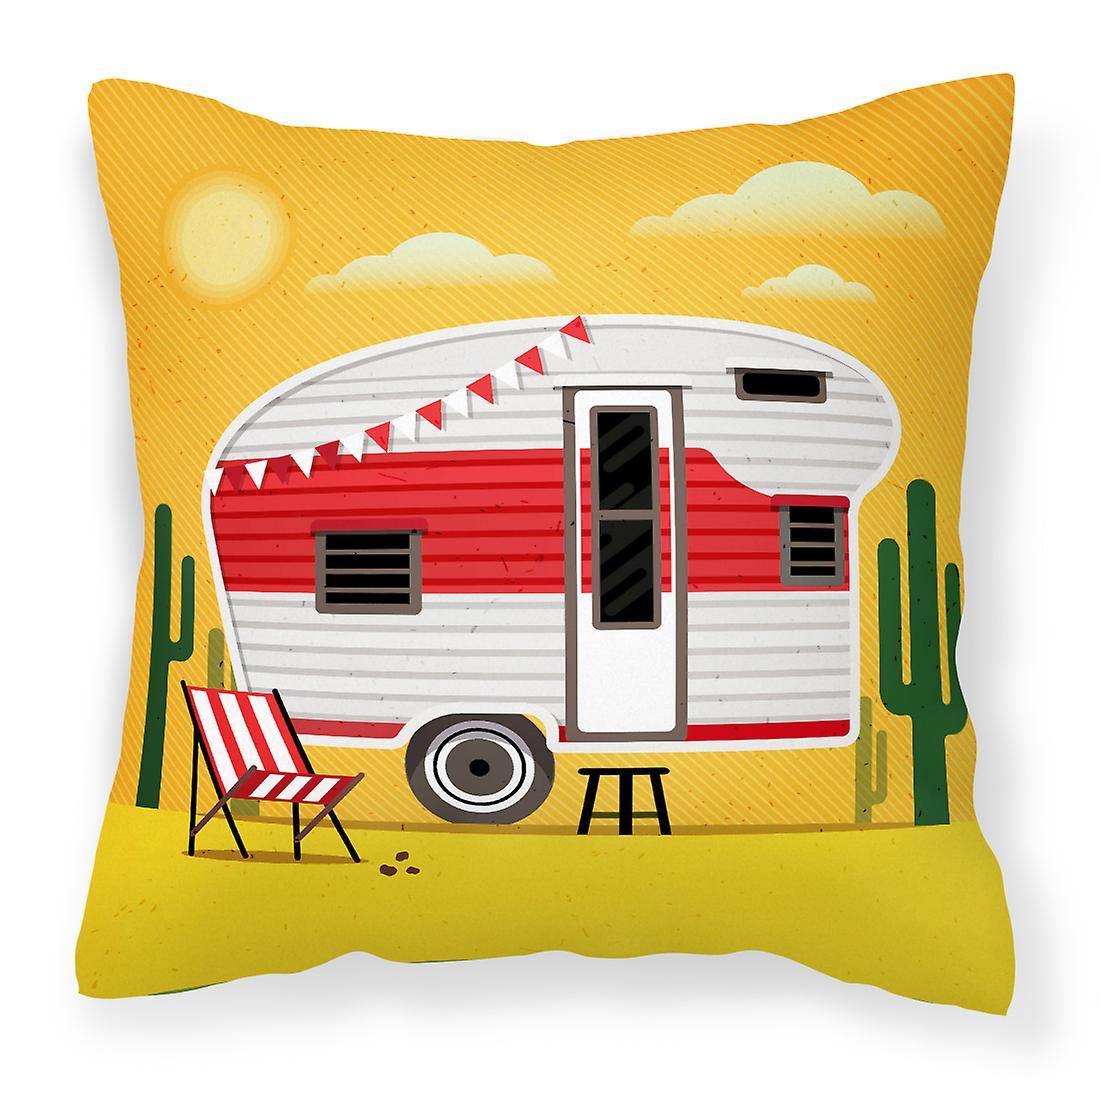 Retro Aventure Camper Désert Décoratif Grande Plus Tissu Oreiller 4AjR35Lq